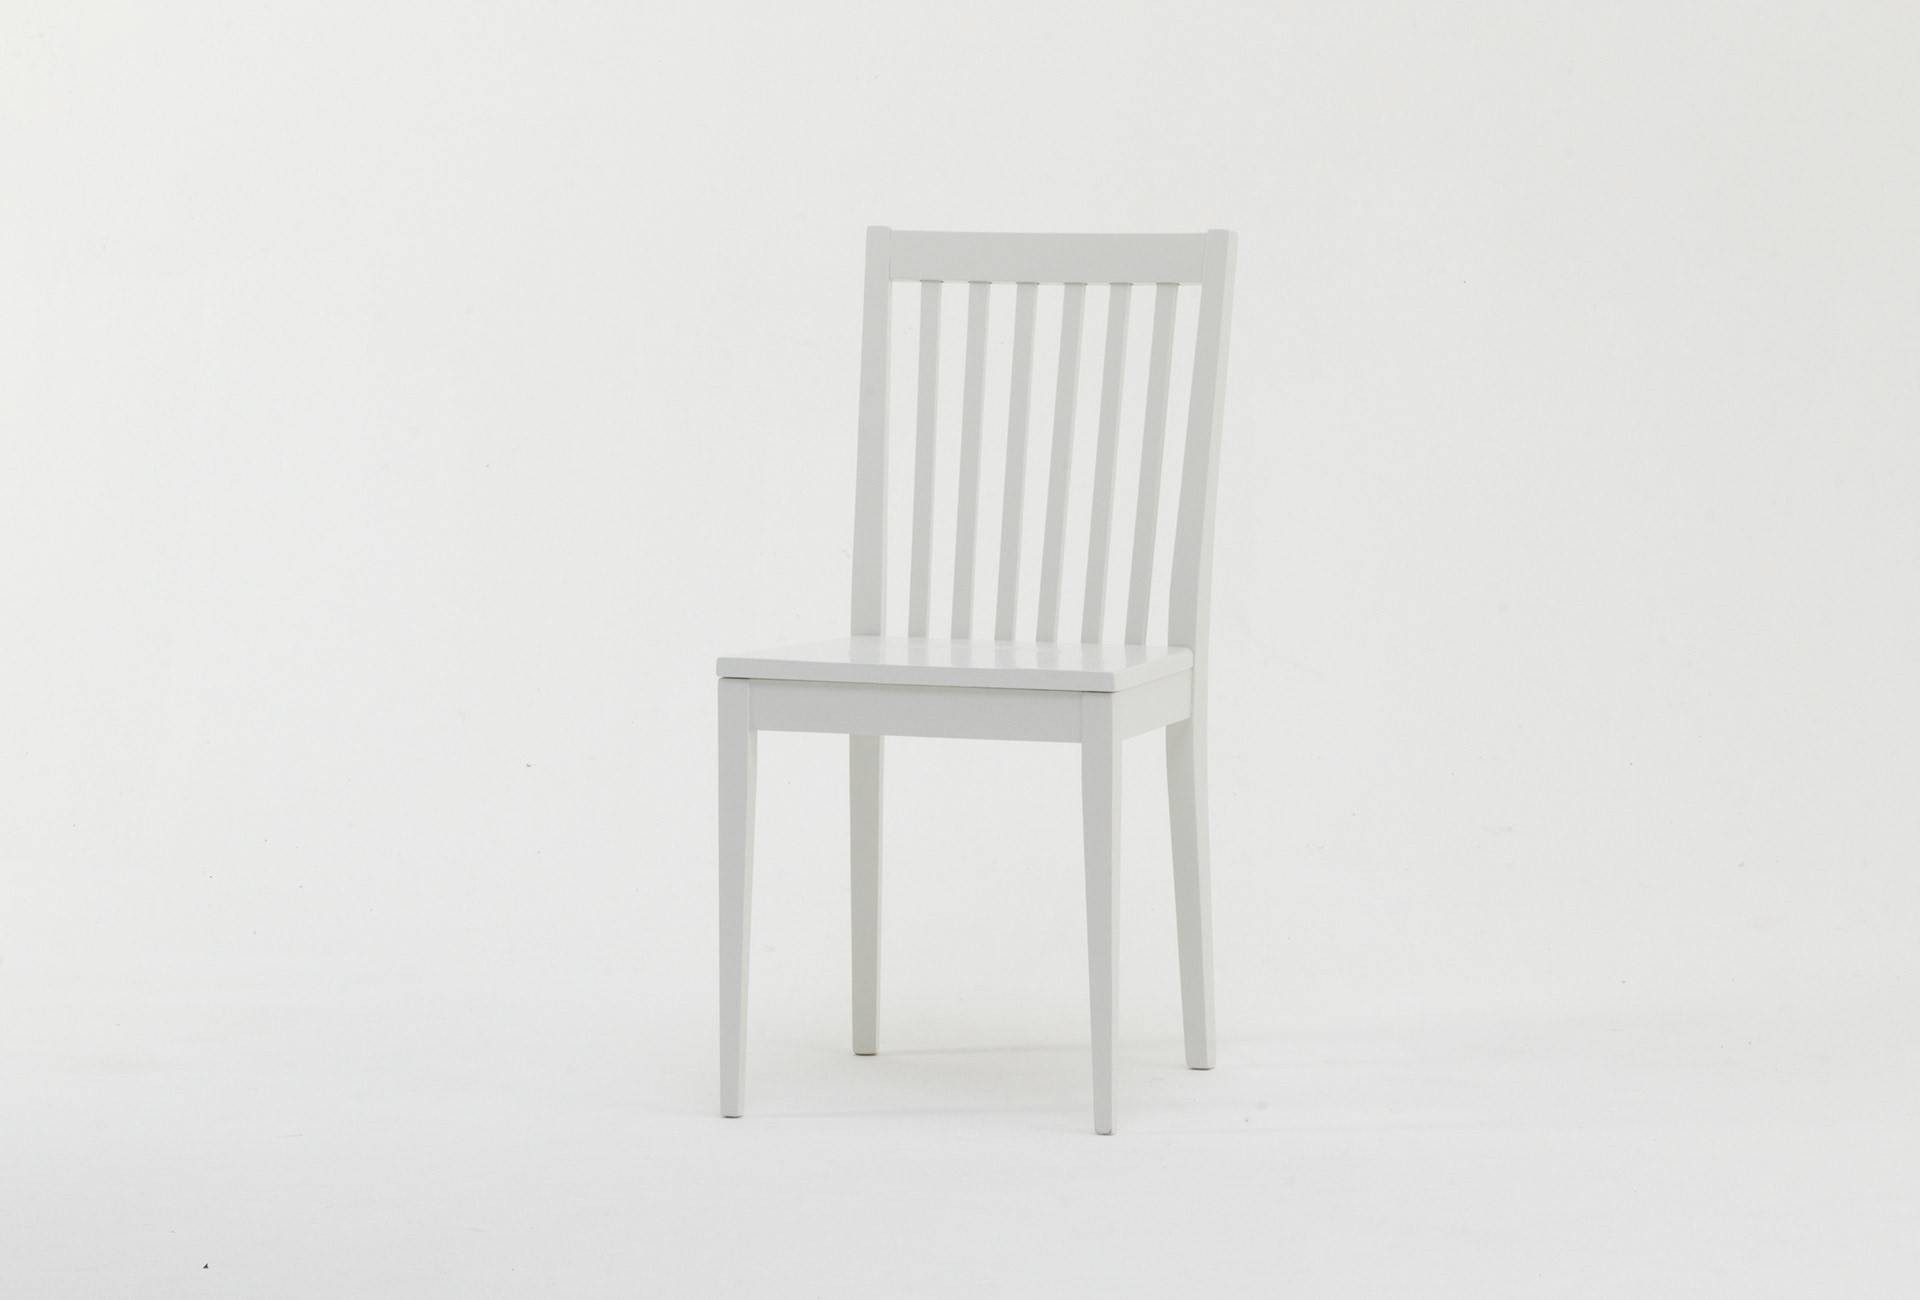 set-4-sedie-bloom-struttura-in-faggio-e-seduta-in-legno-massiccio-laccato-bianco-made-in-italy.jpg